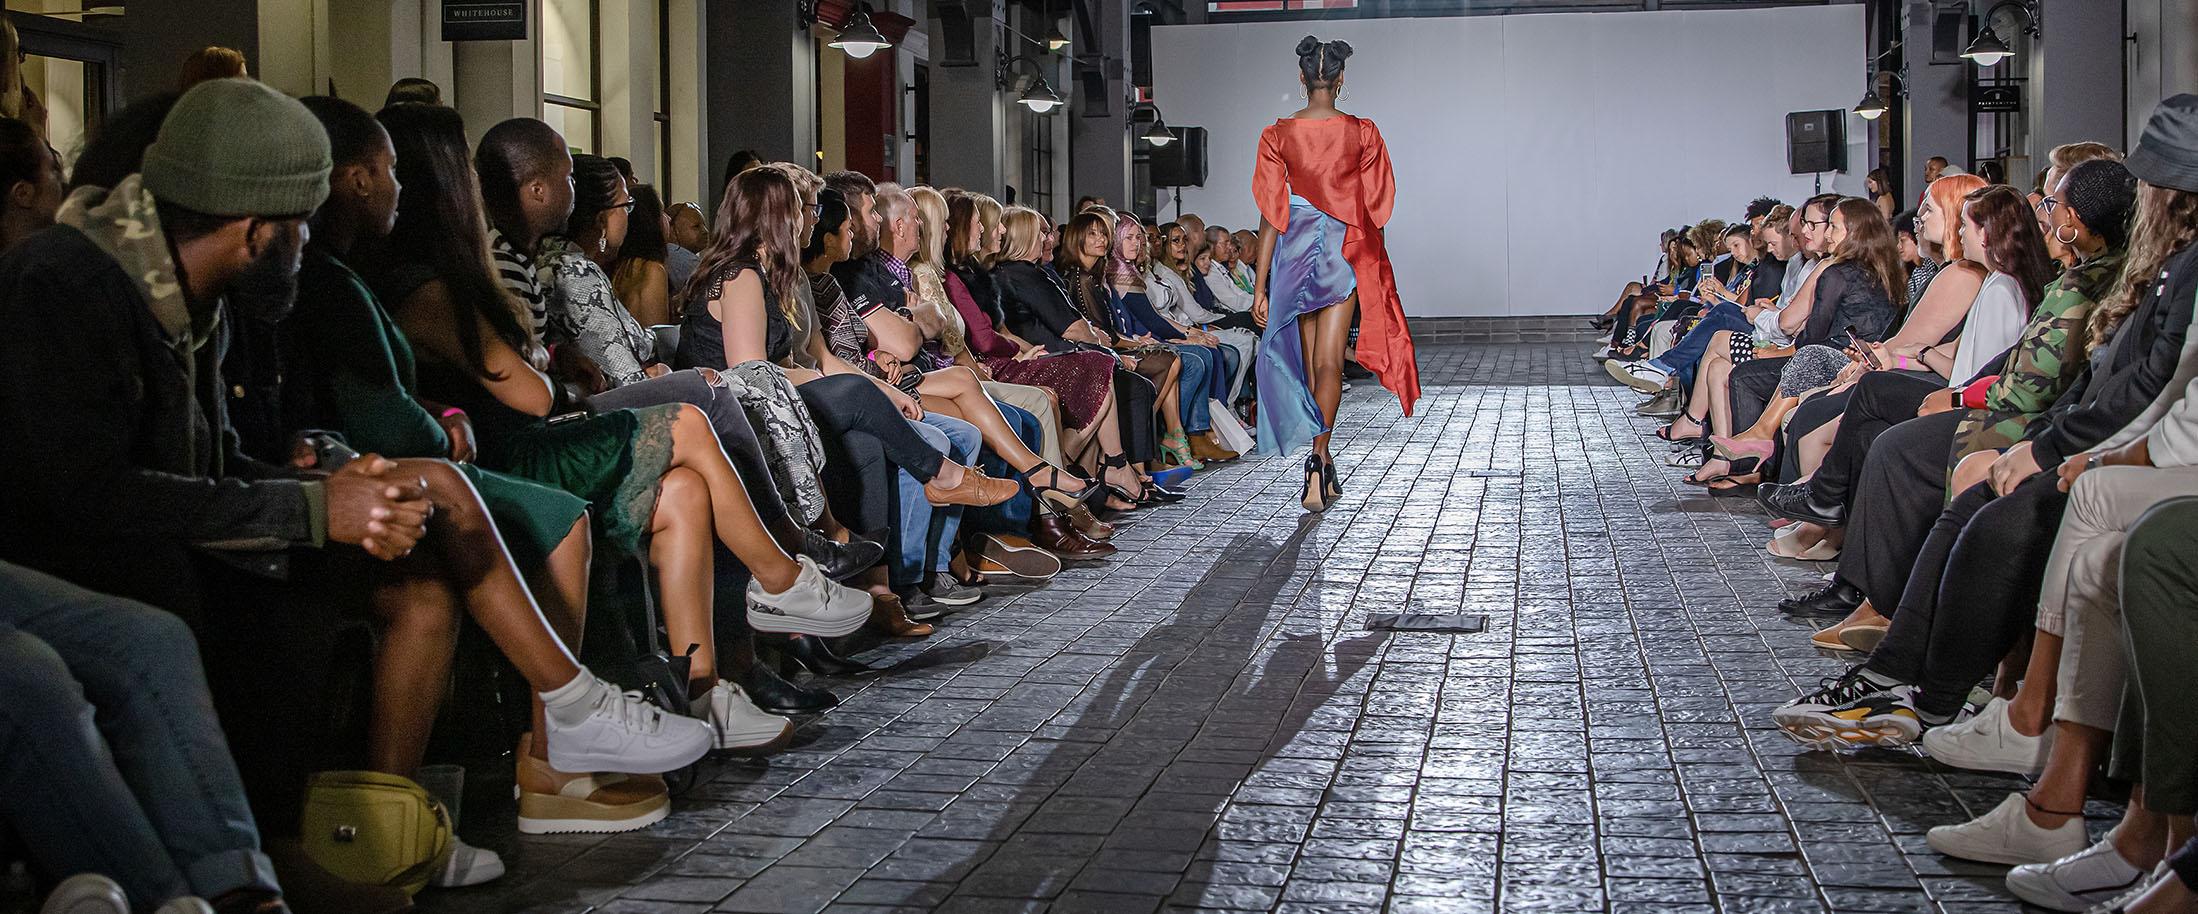 2019 Daf Fashion Show Design Academy Of Fashion